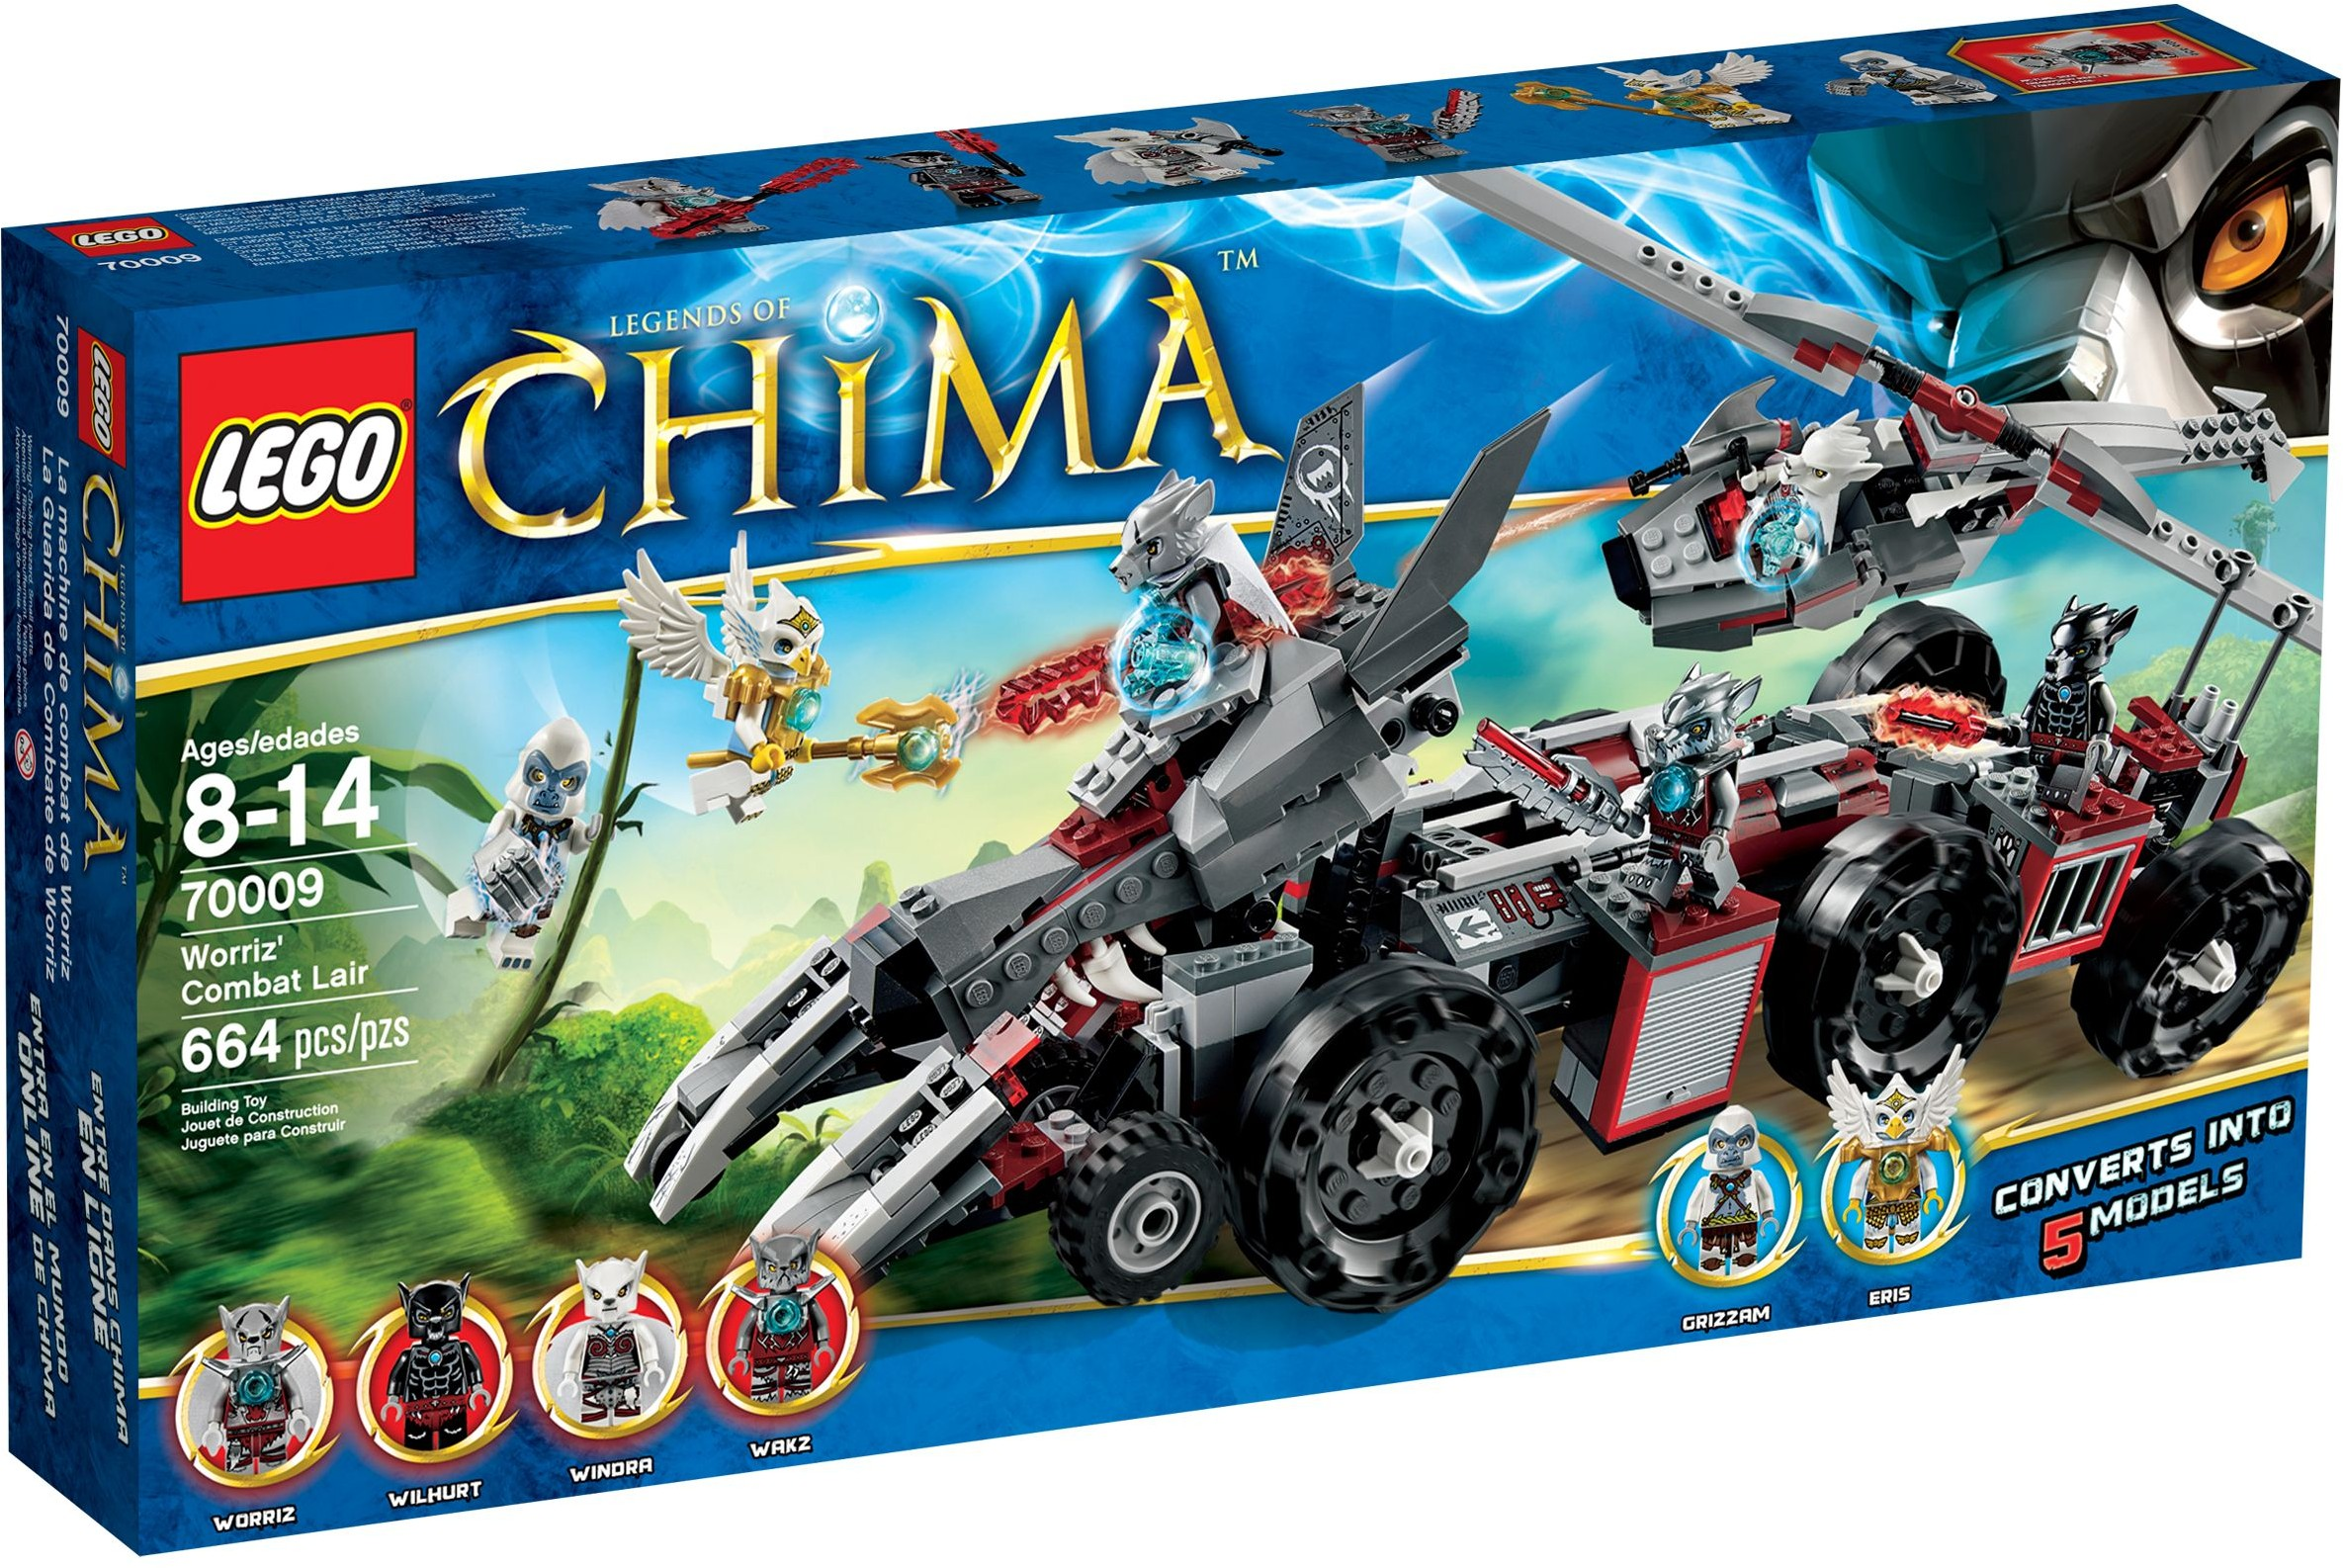 Lego chima 70009 pas cher le char de combat loup - Image de lego chima ...